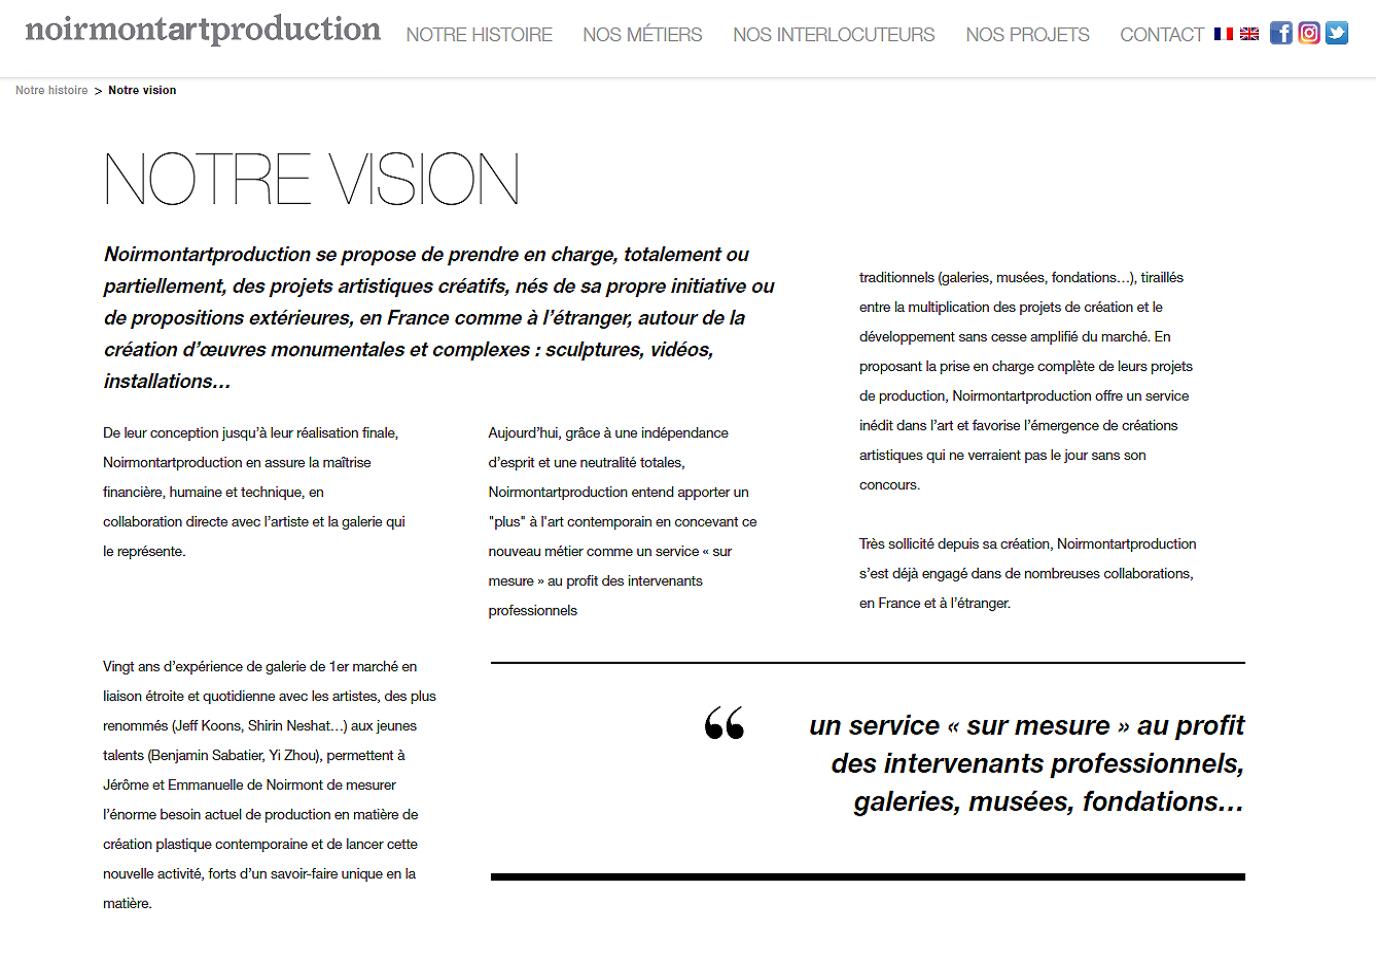 noirmont_notre_vision